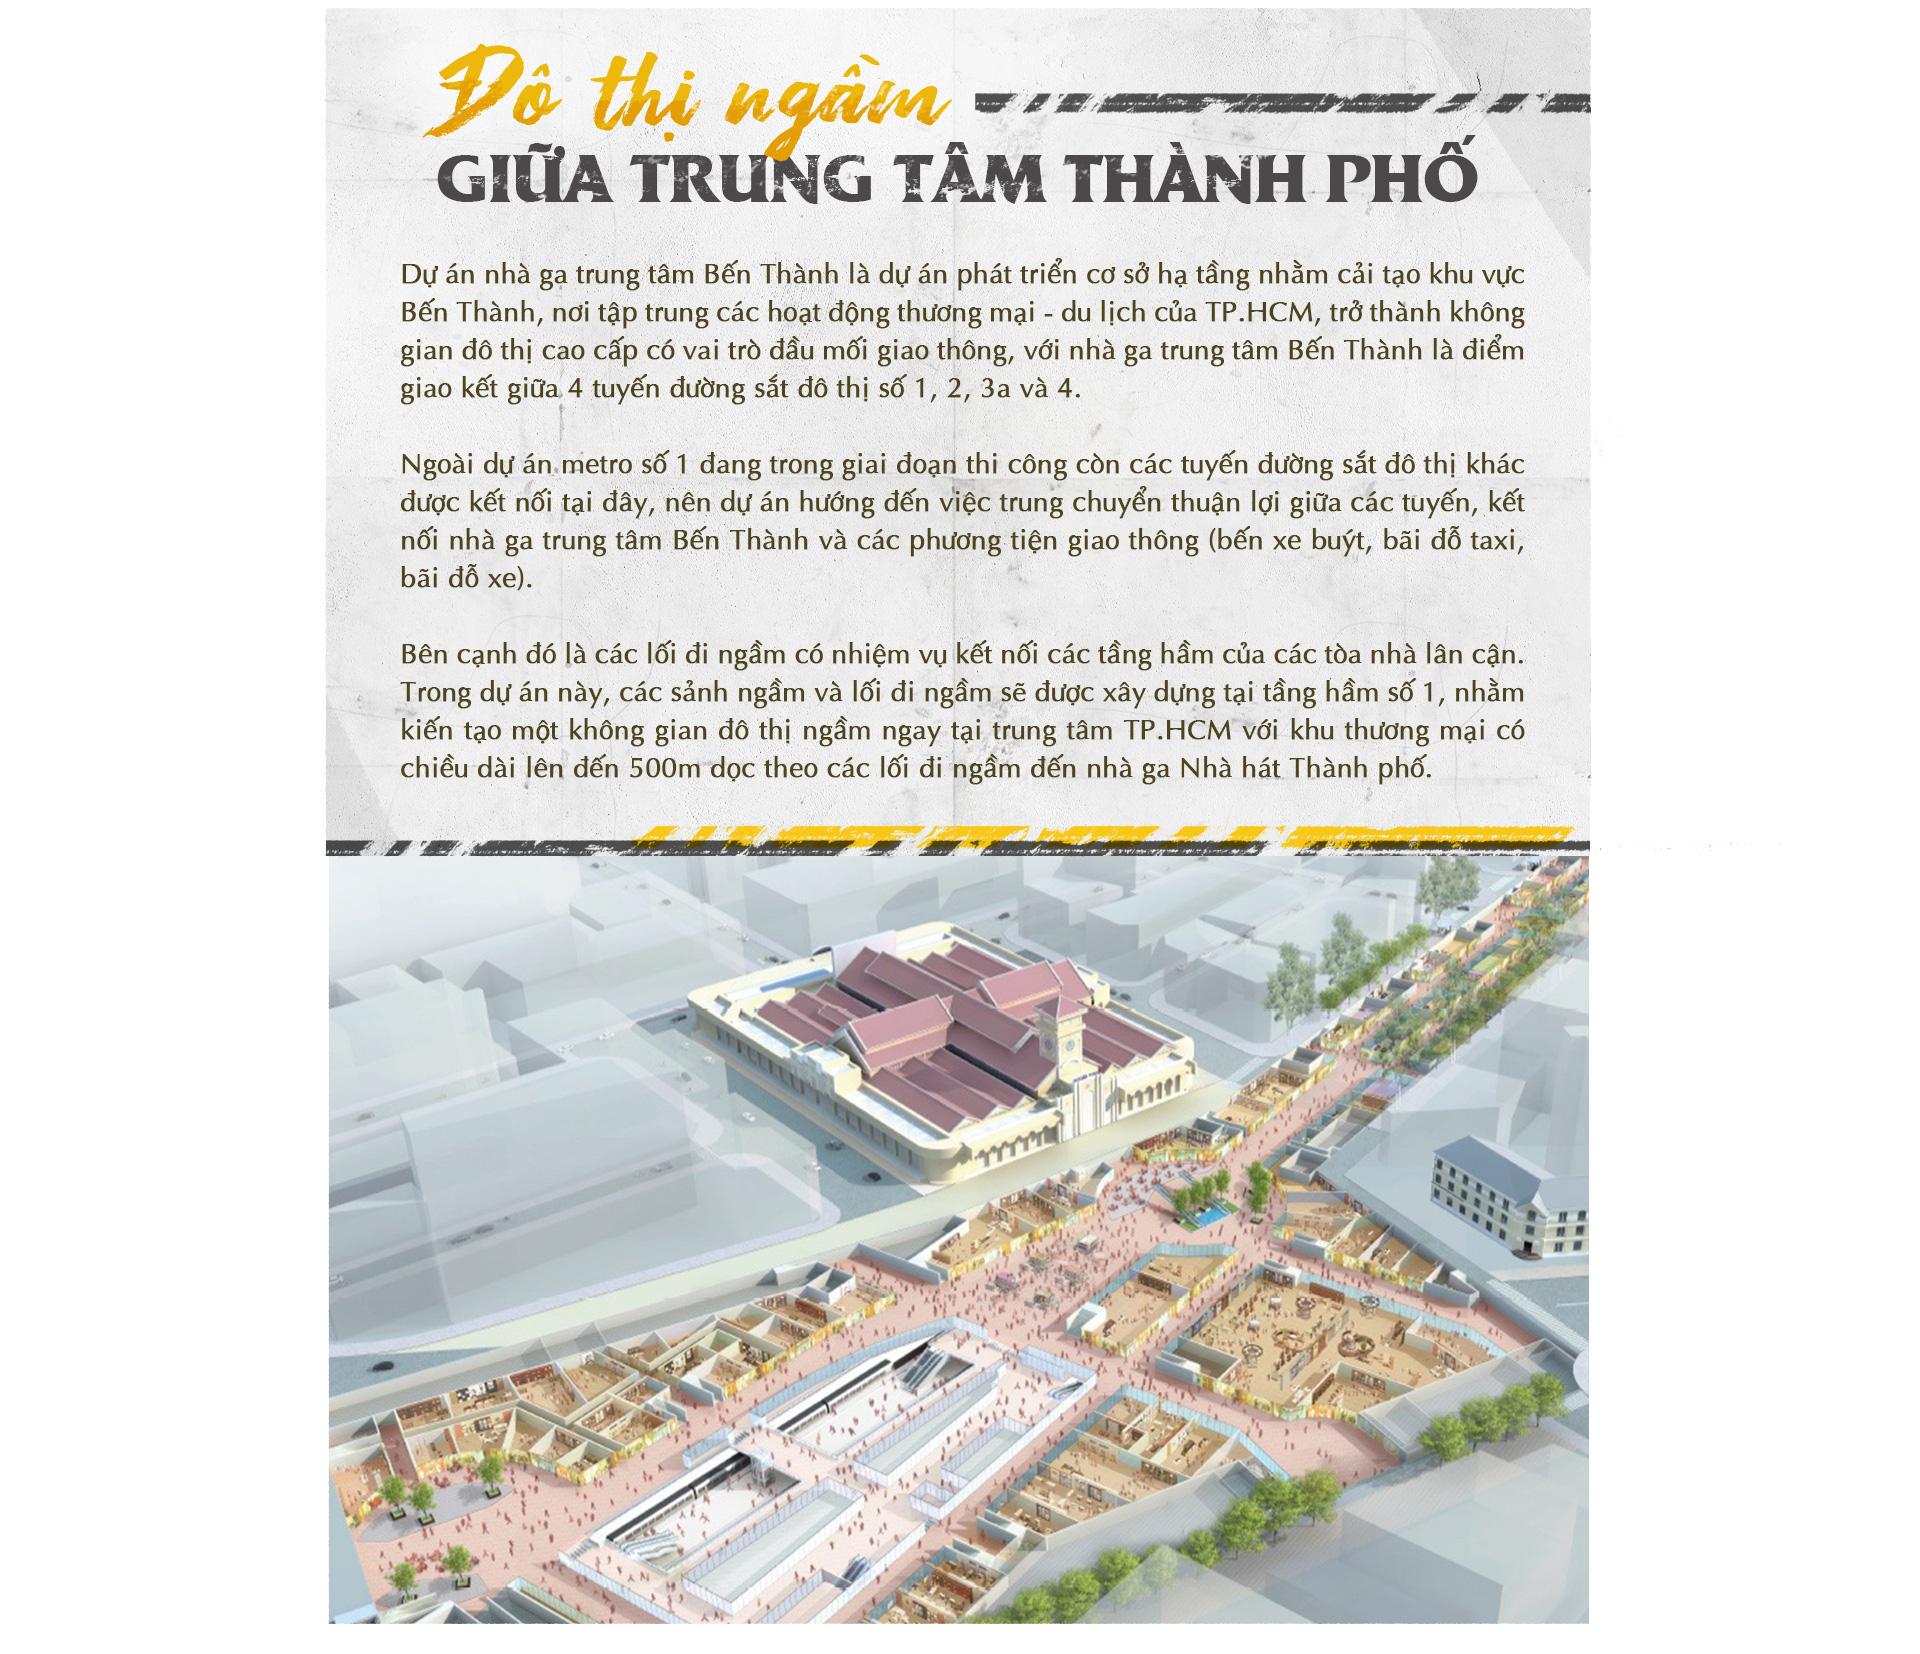 Xuống lòng đất Sài Gòn, khám phá trái tim công trình metro ngầm - Ảnh 1.